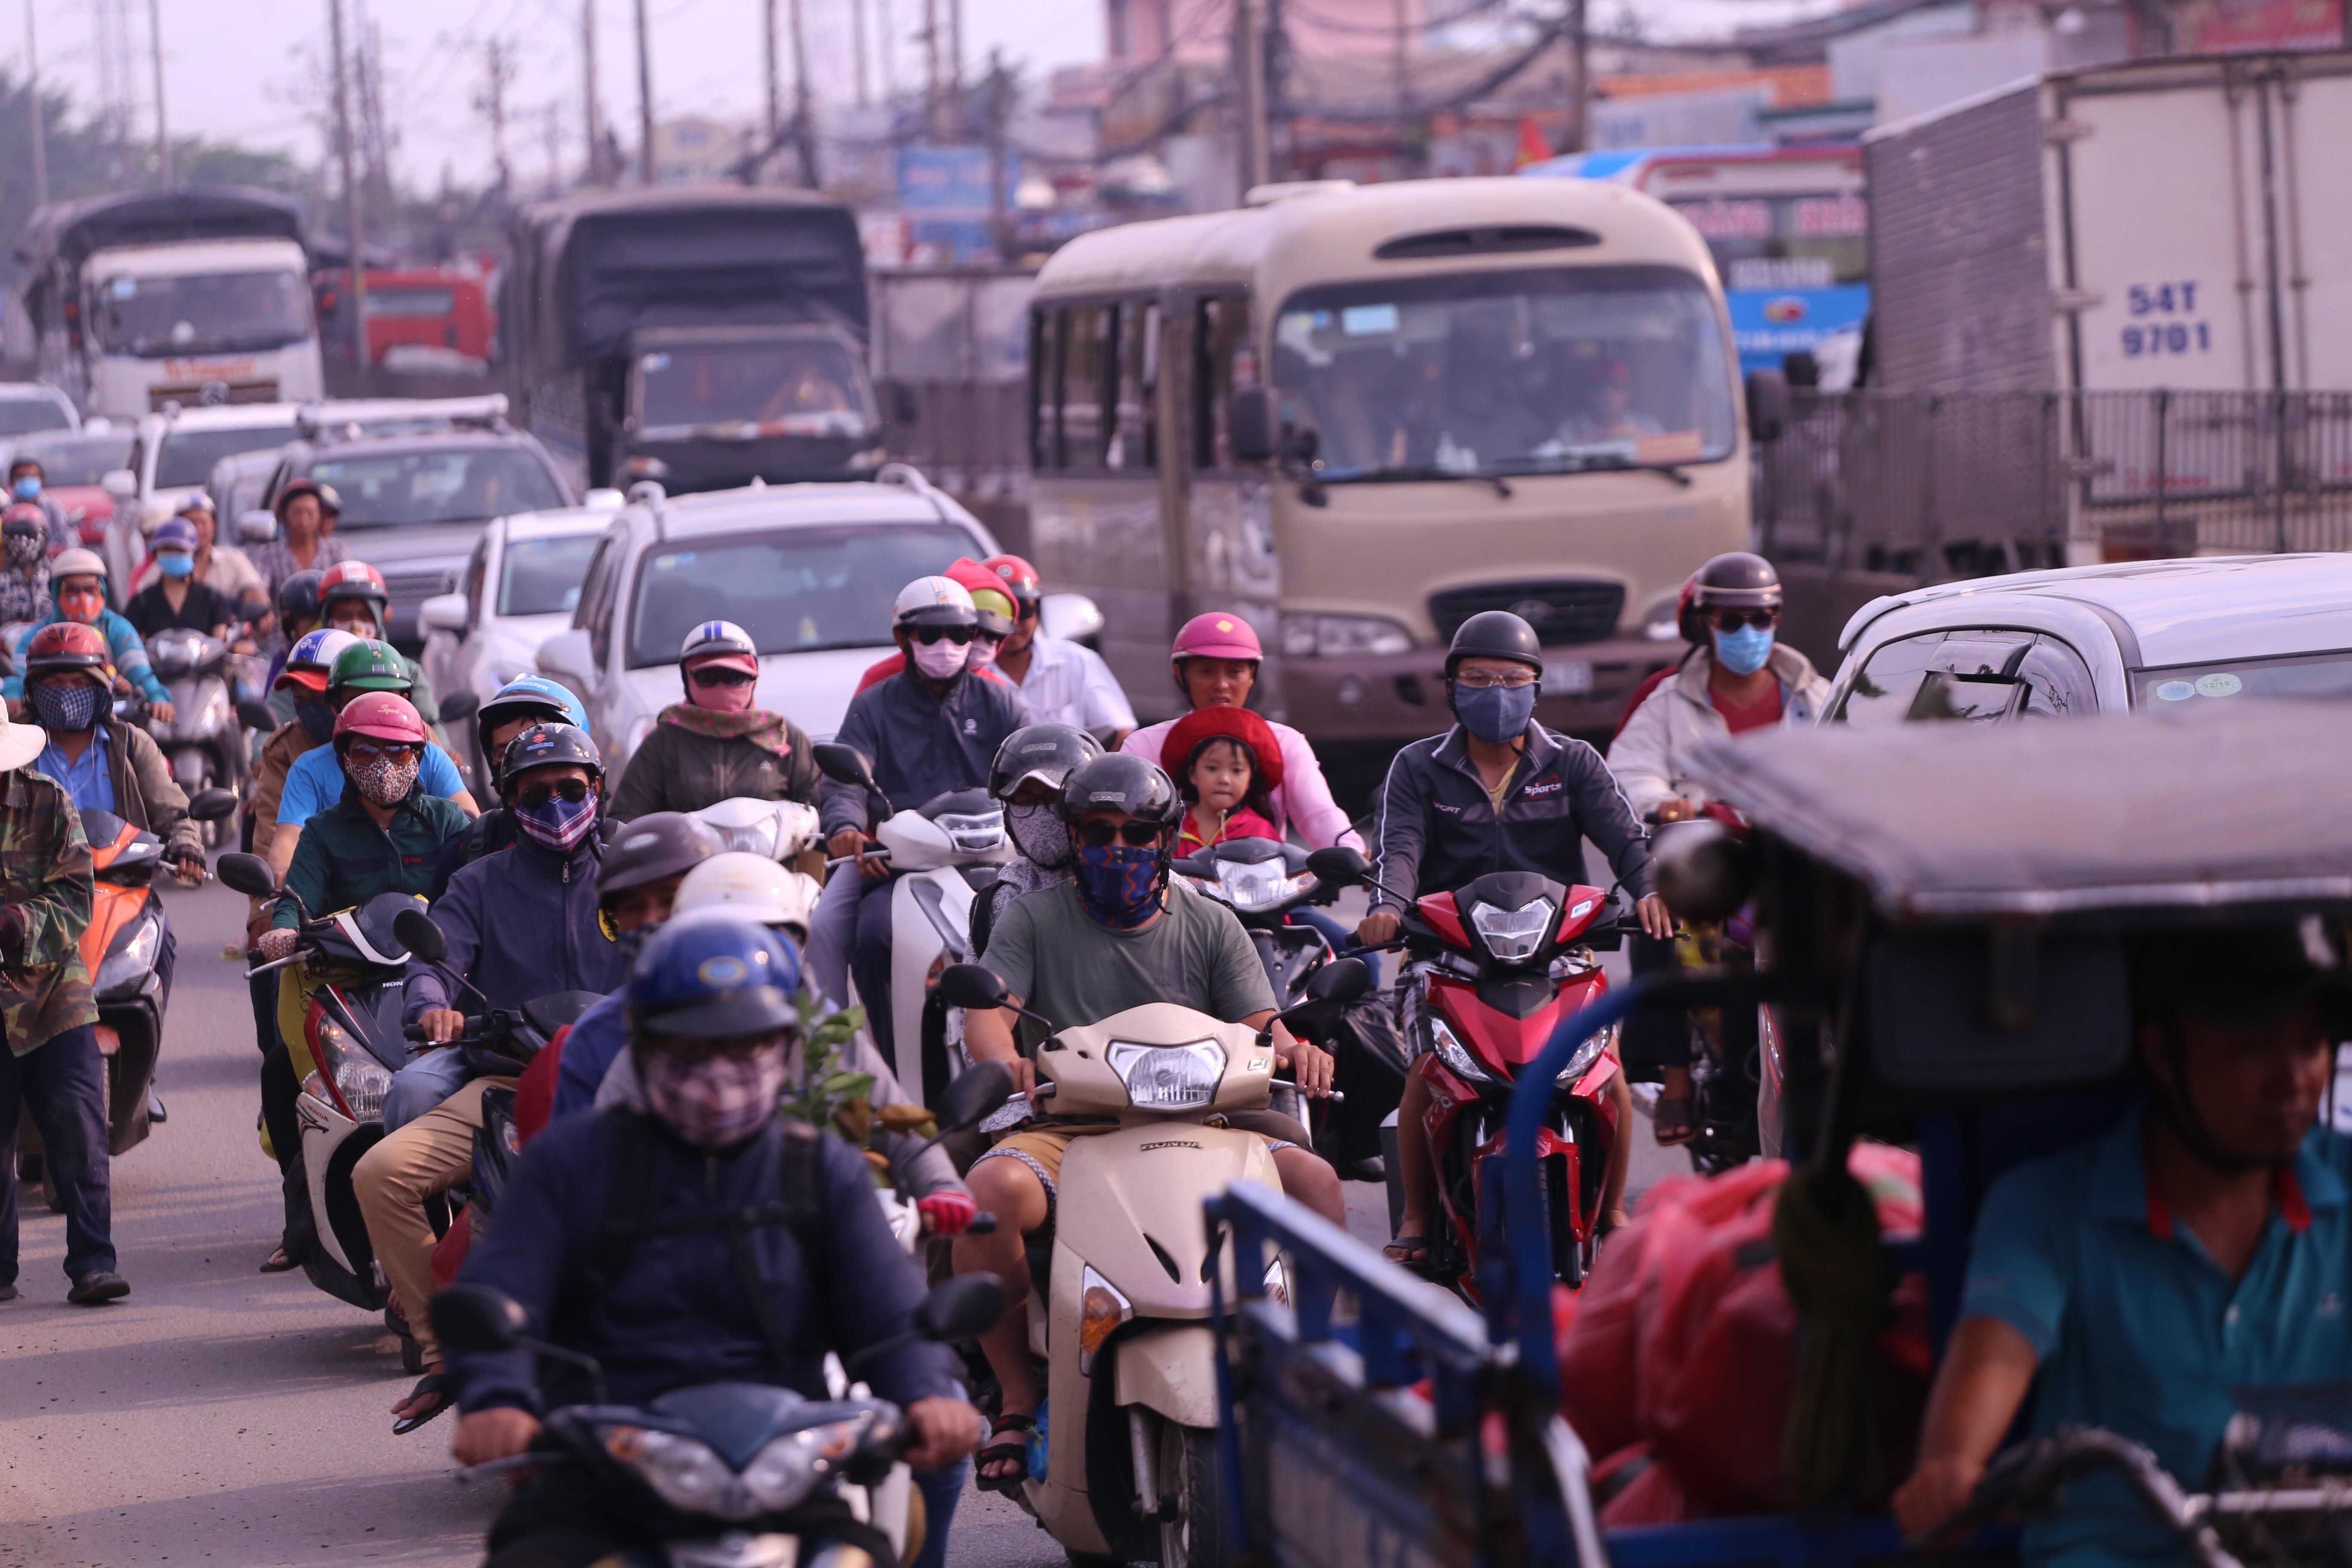 Kết thúc kỳ nghỉ lễ, người dân lỉnh kỉnh đồ đạc, mang theo trẻ nhỏ ùn ùn trở lại Hà Nội và Sài Gòn - Ảnh 21.